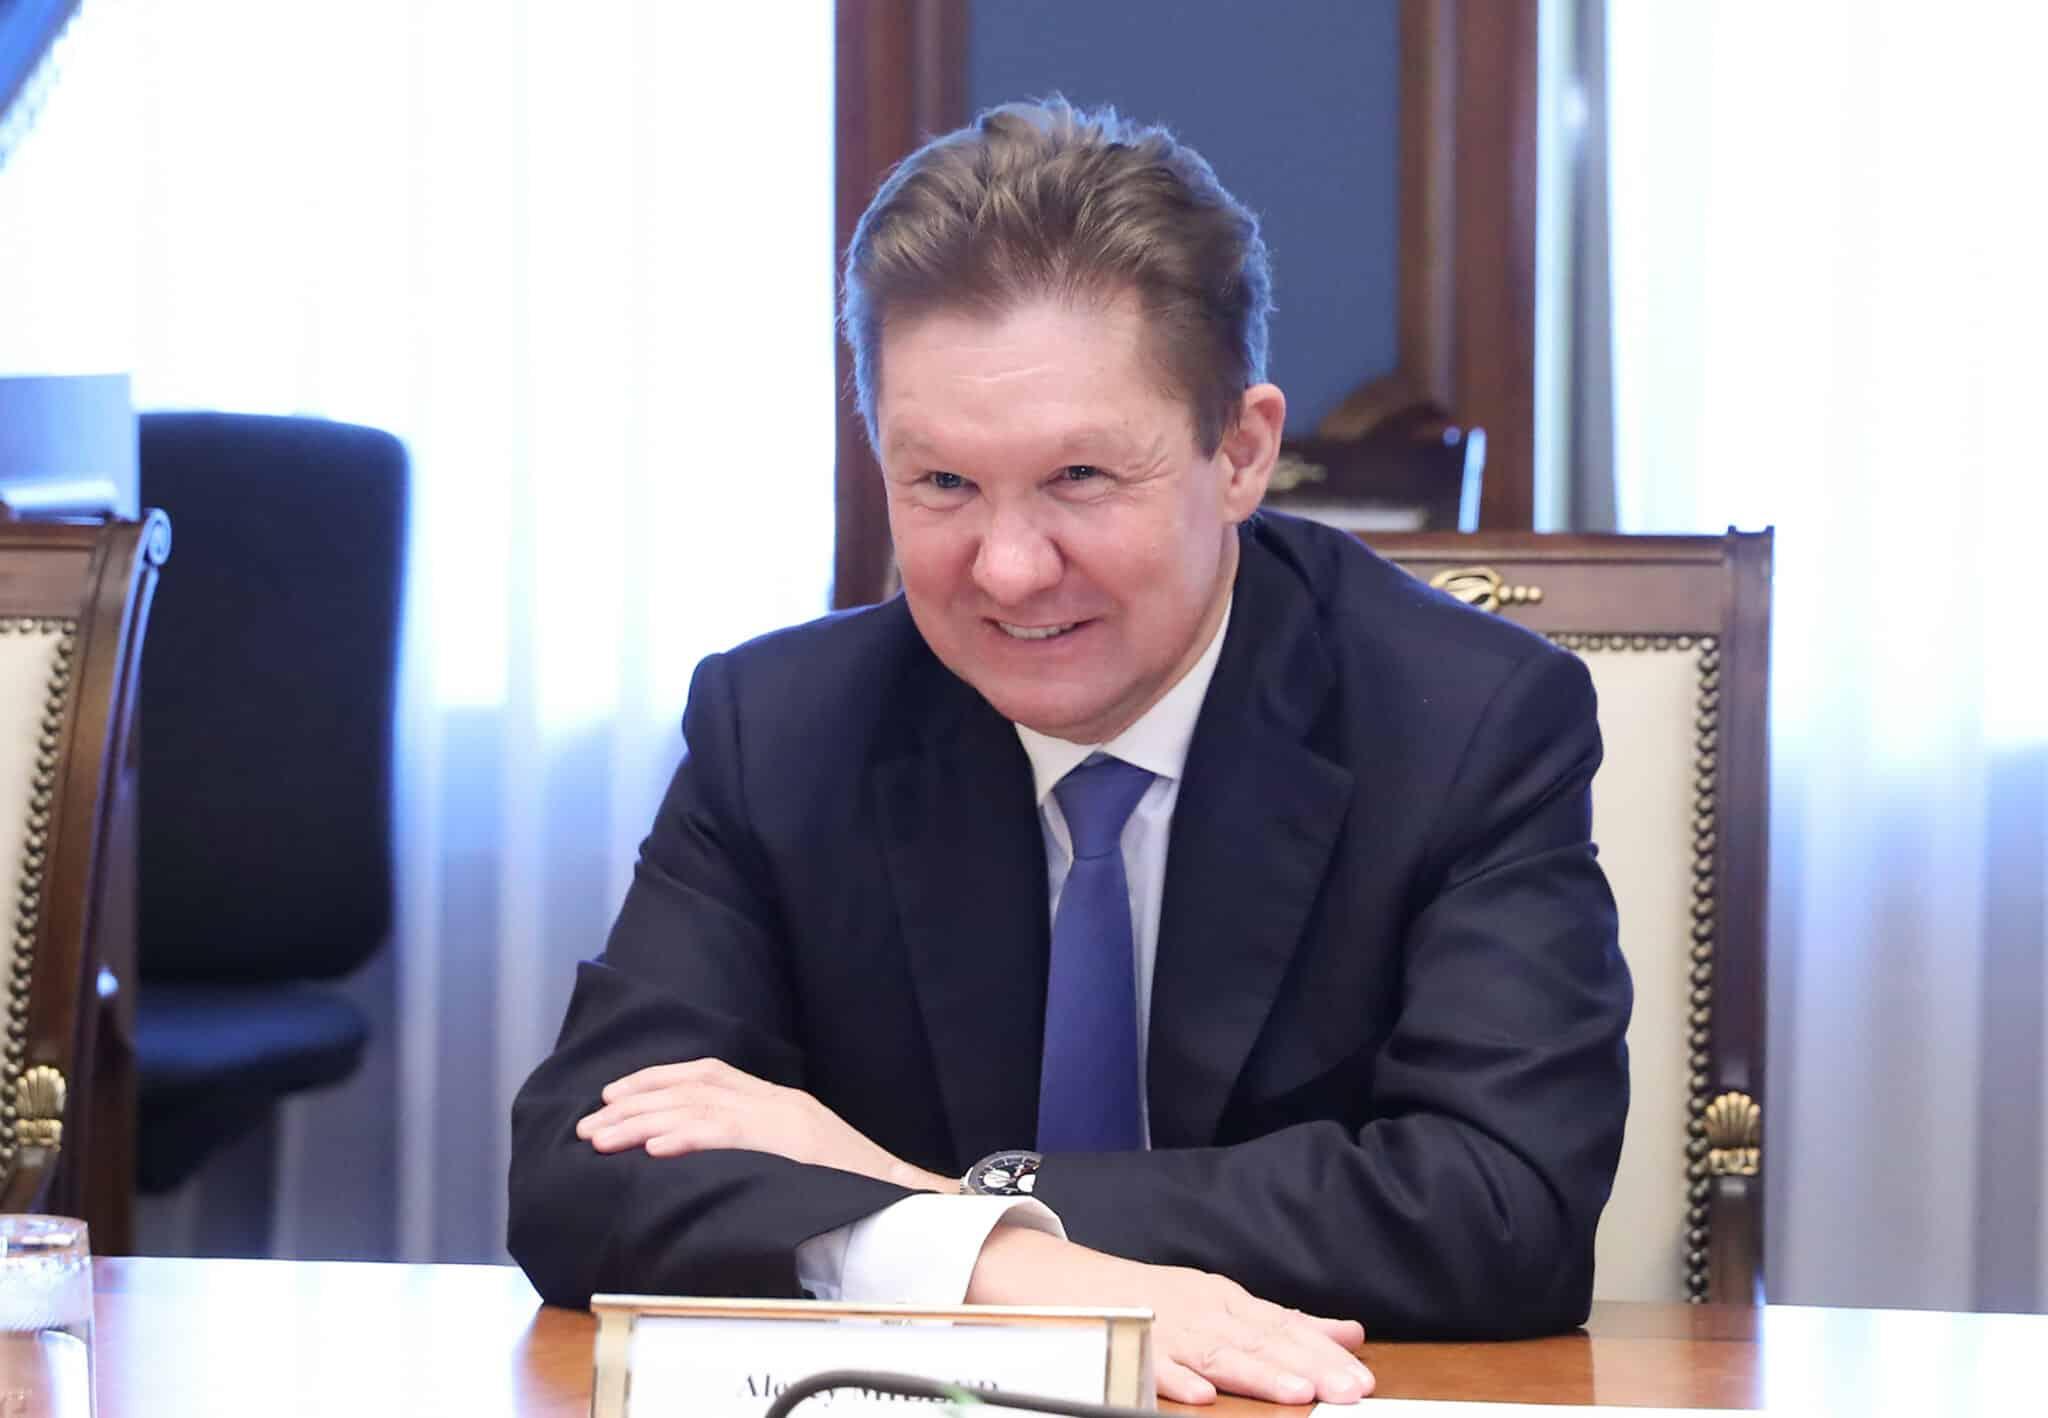 Алексей Миллер может уйти из Газпрома в 2019 году: слухи или нет, кому это выгодно